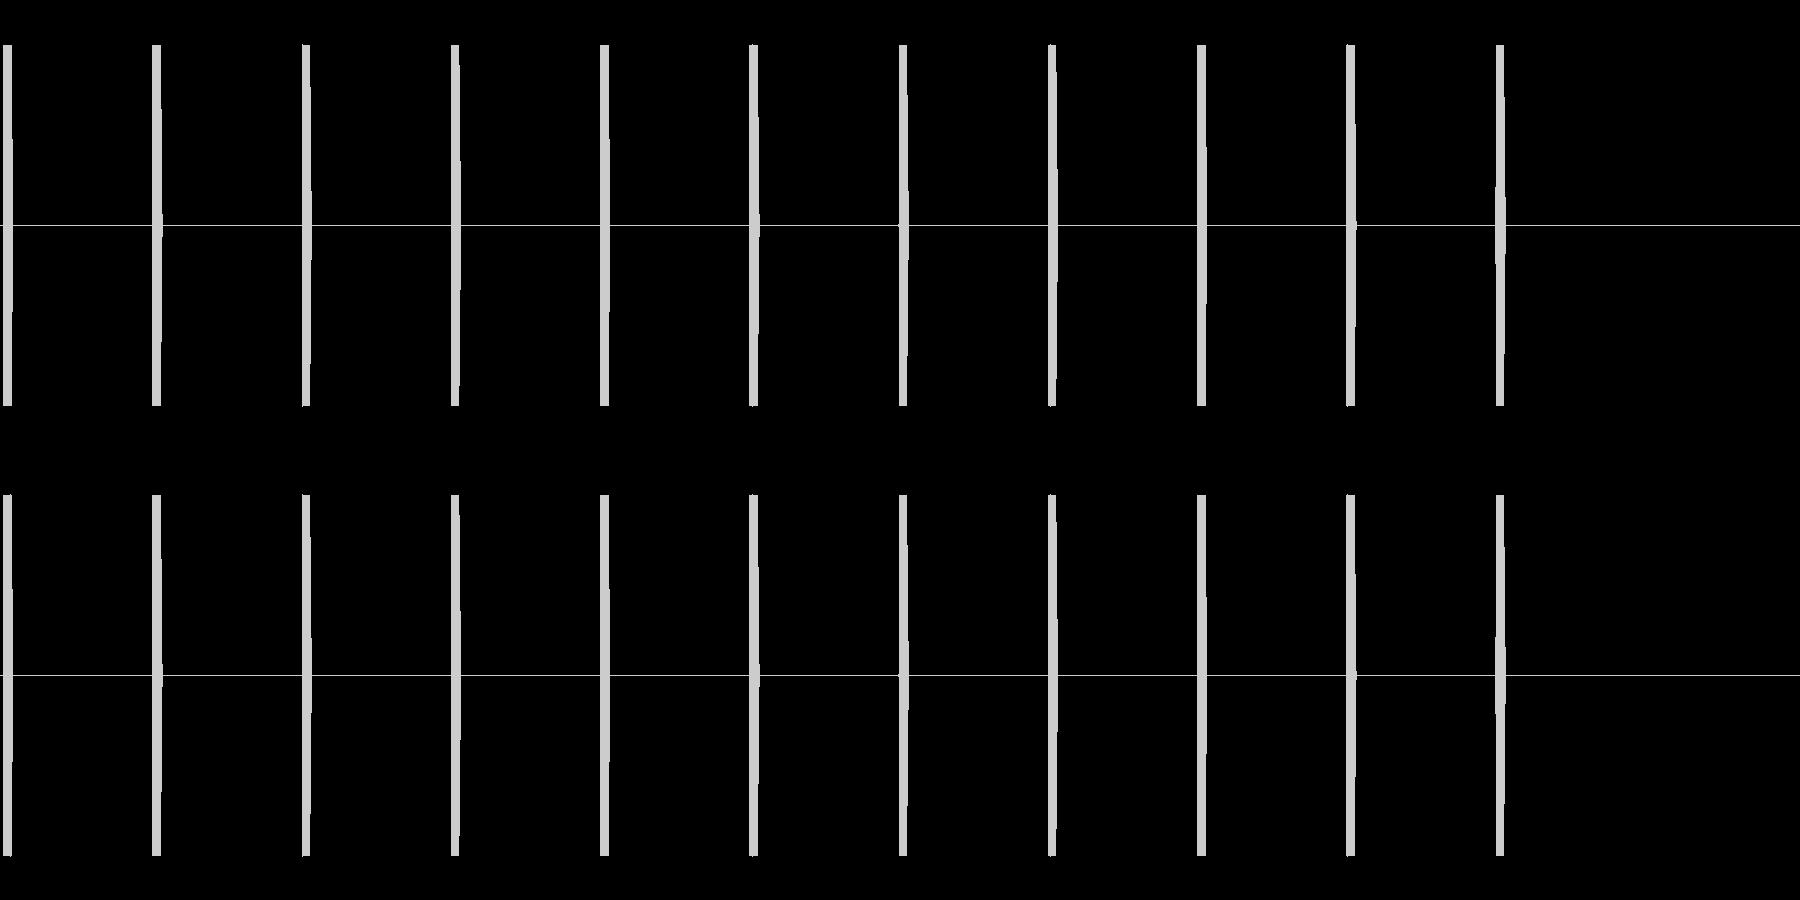 ピッピッピ(映画が始まる前のカウント)の未再生の波形